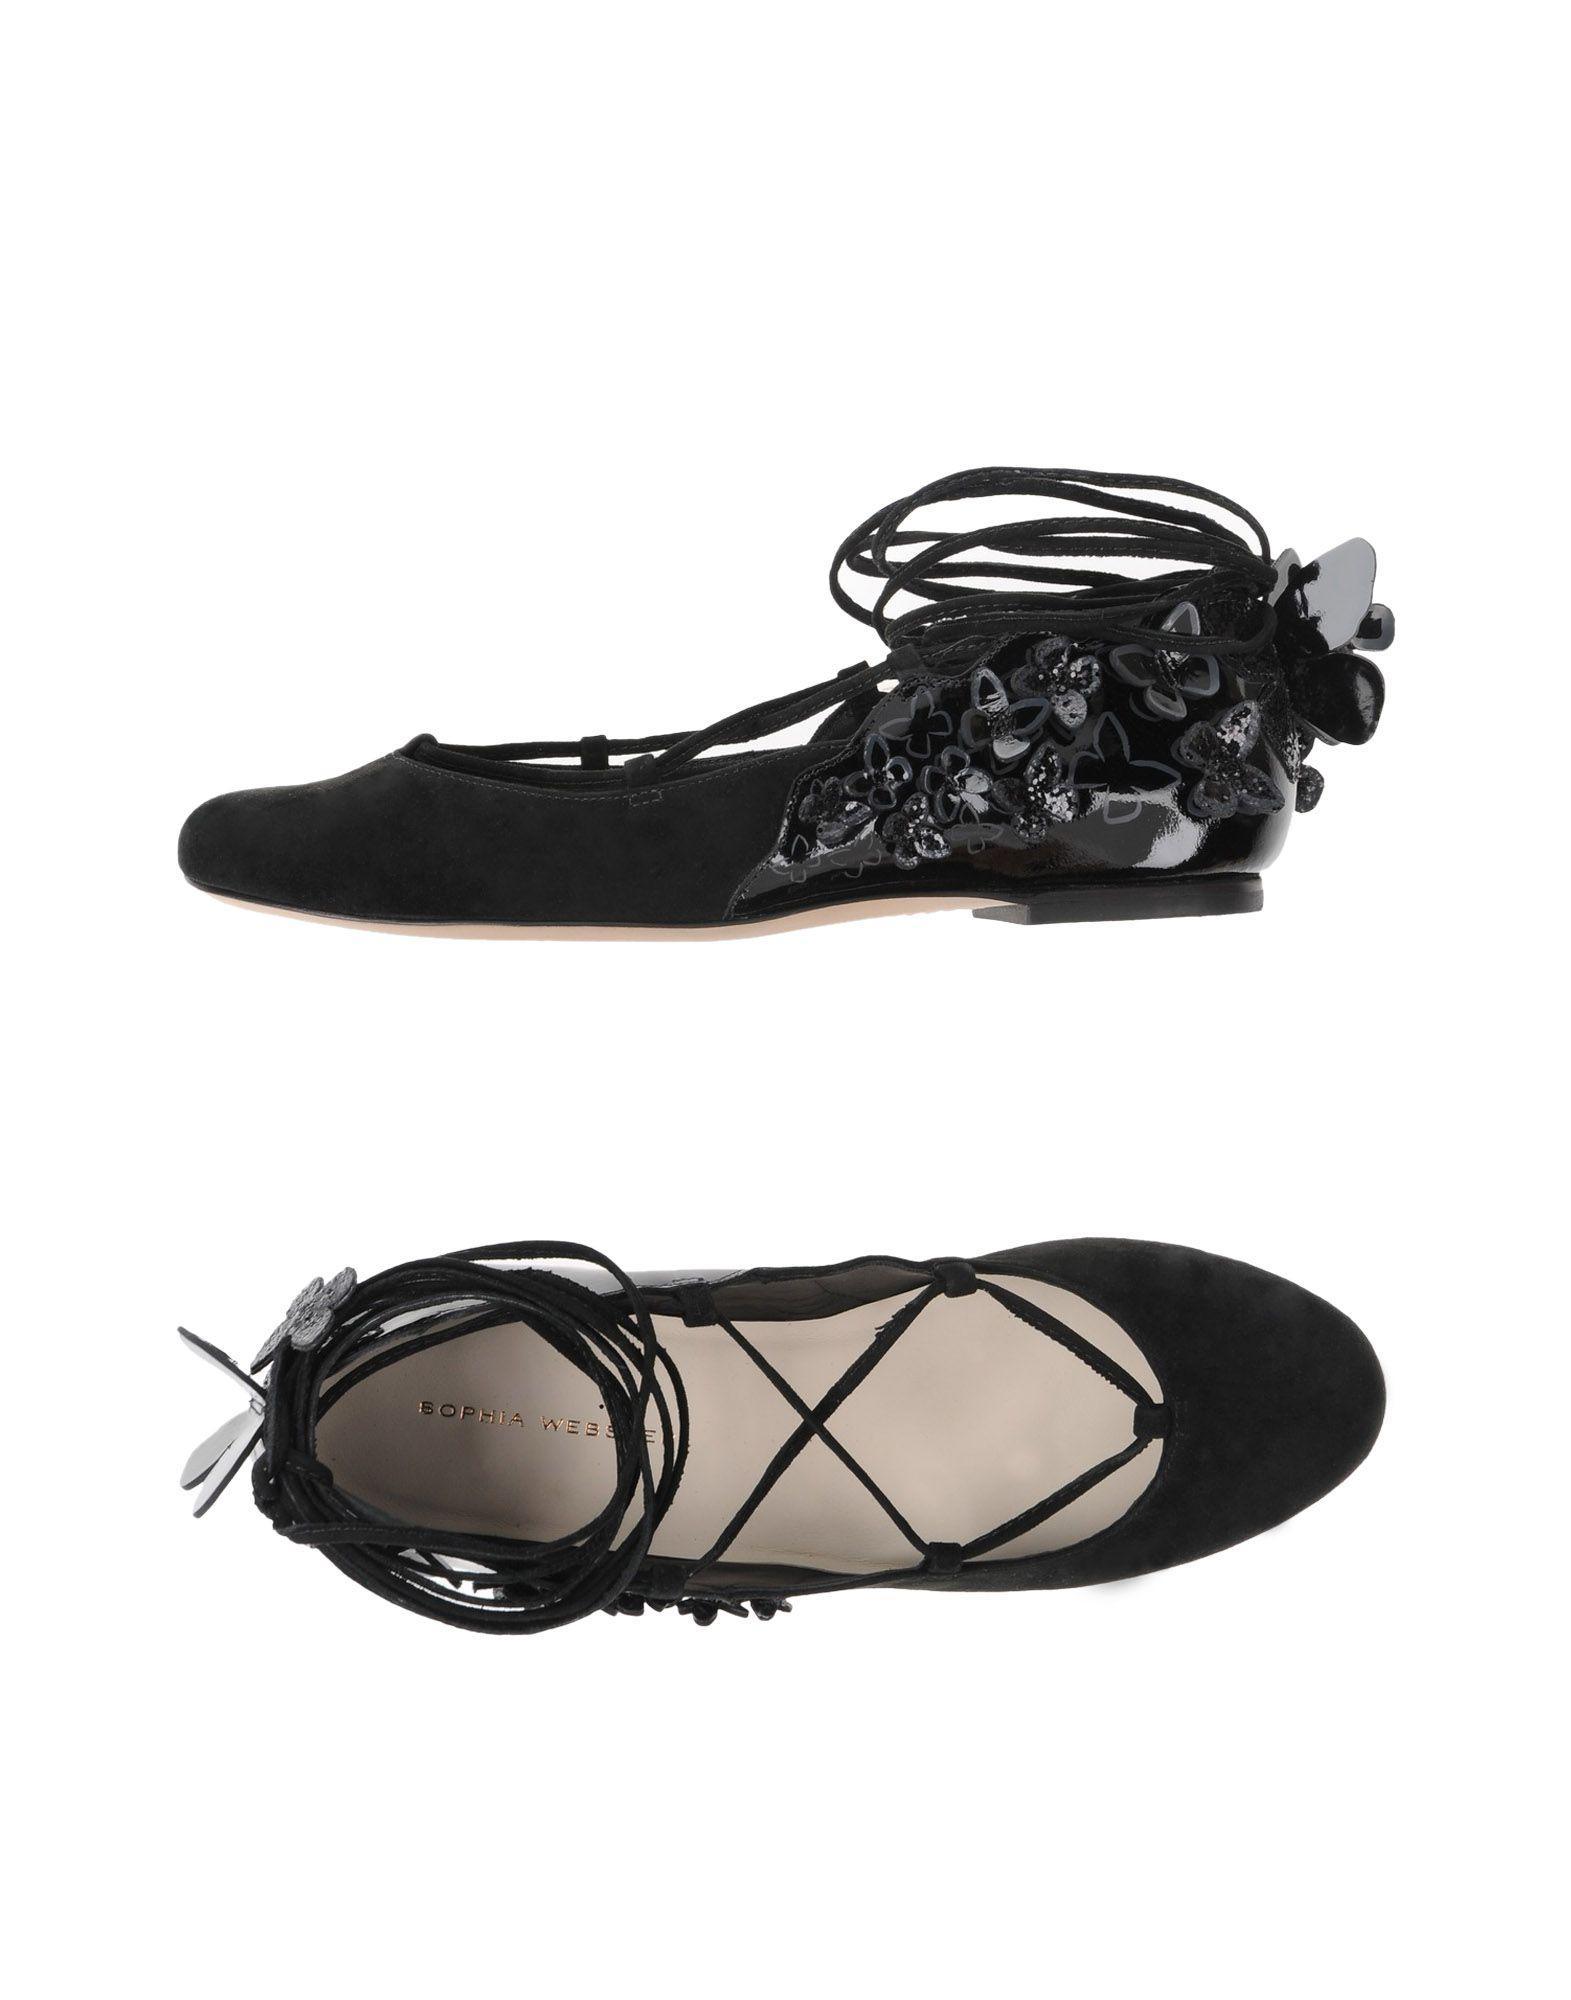 Sophia Webster Ballet Flats In Black